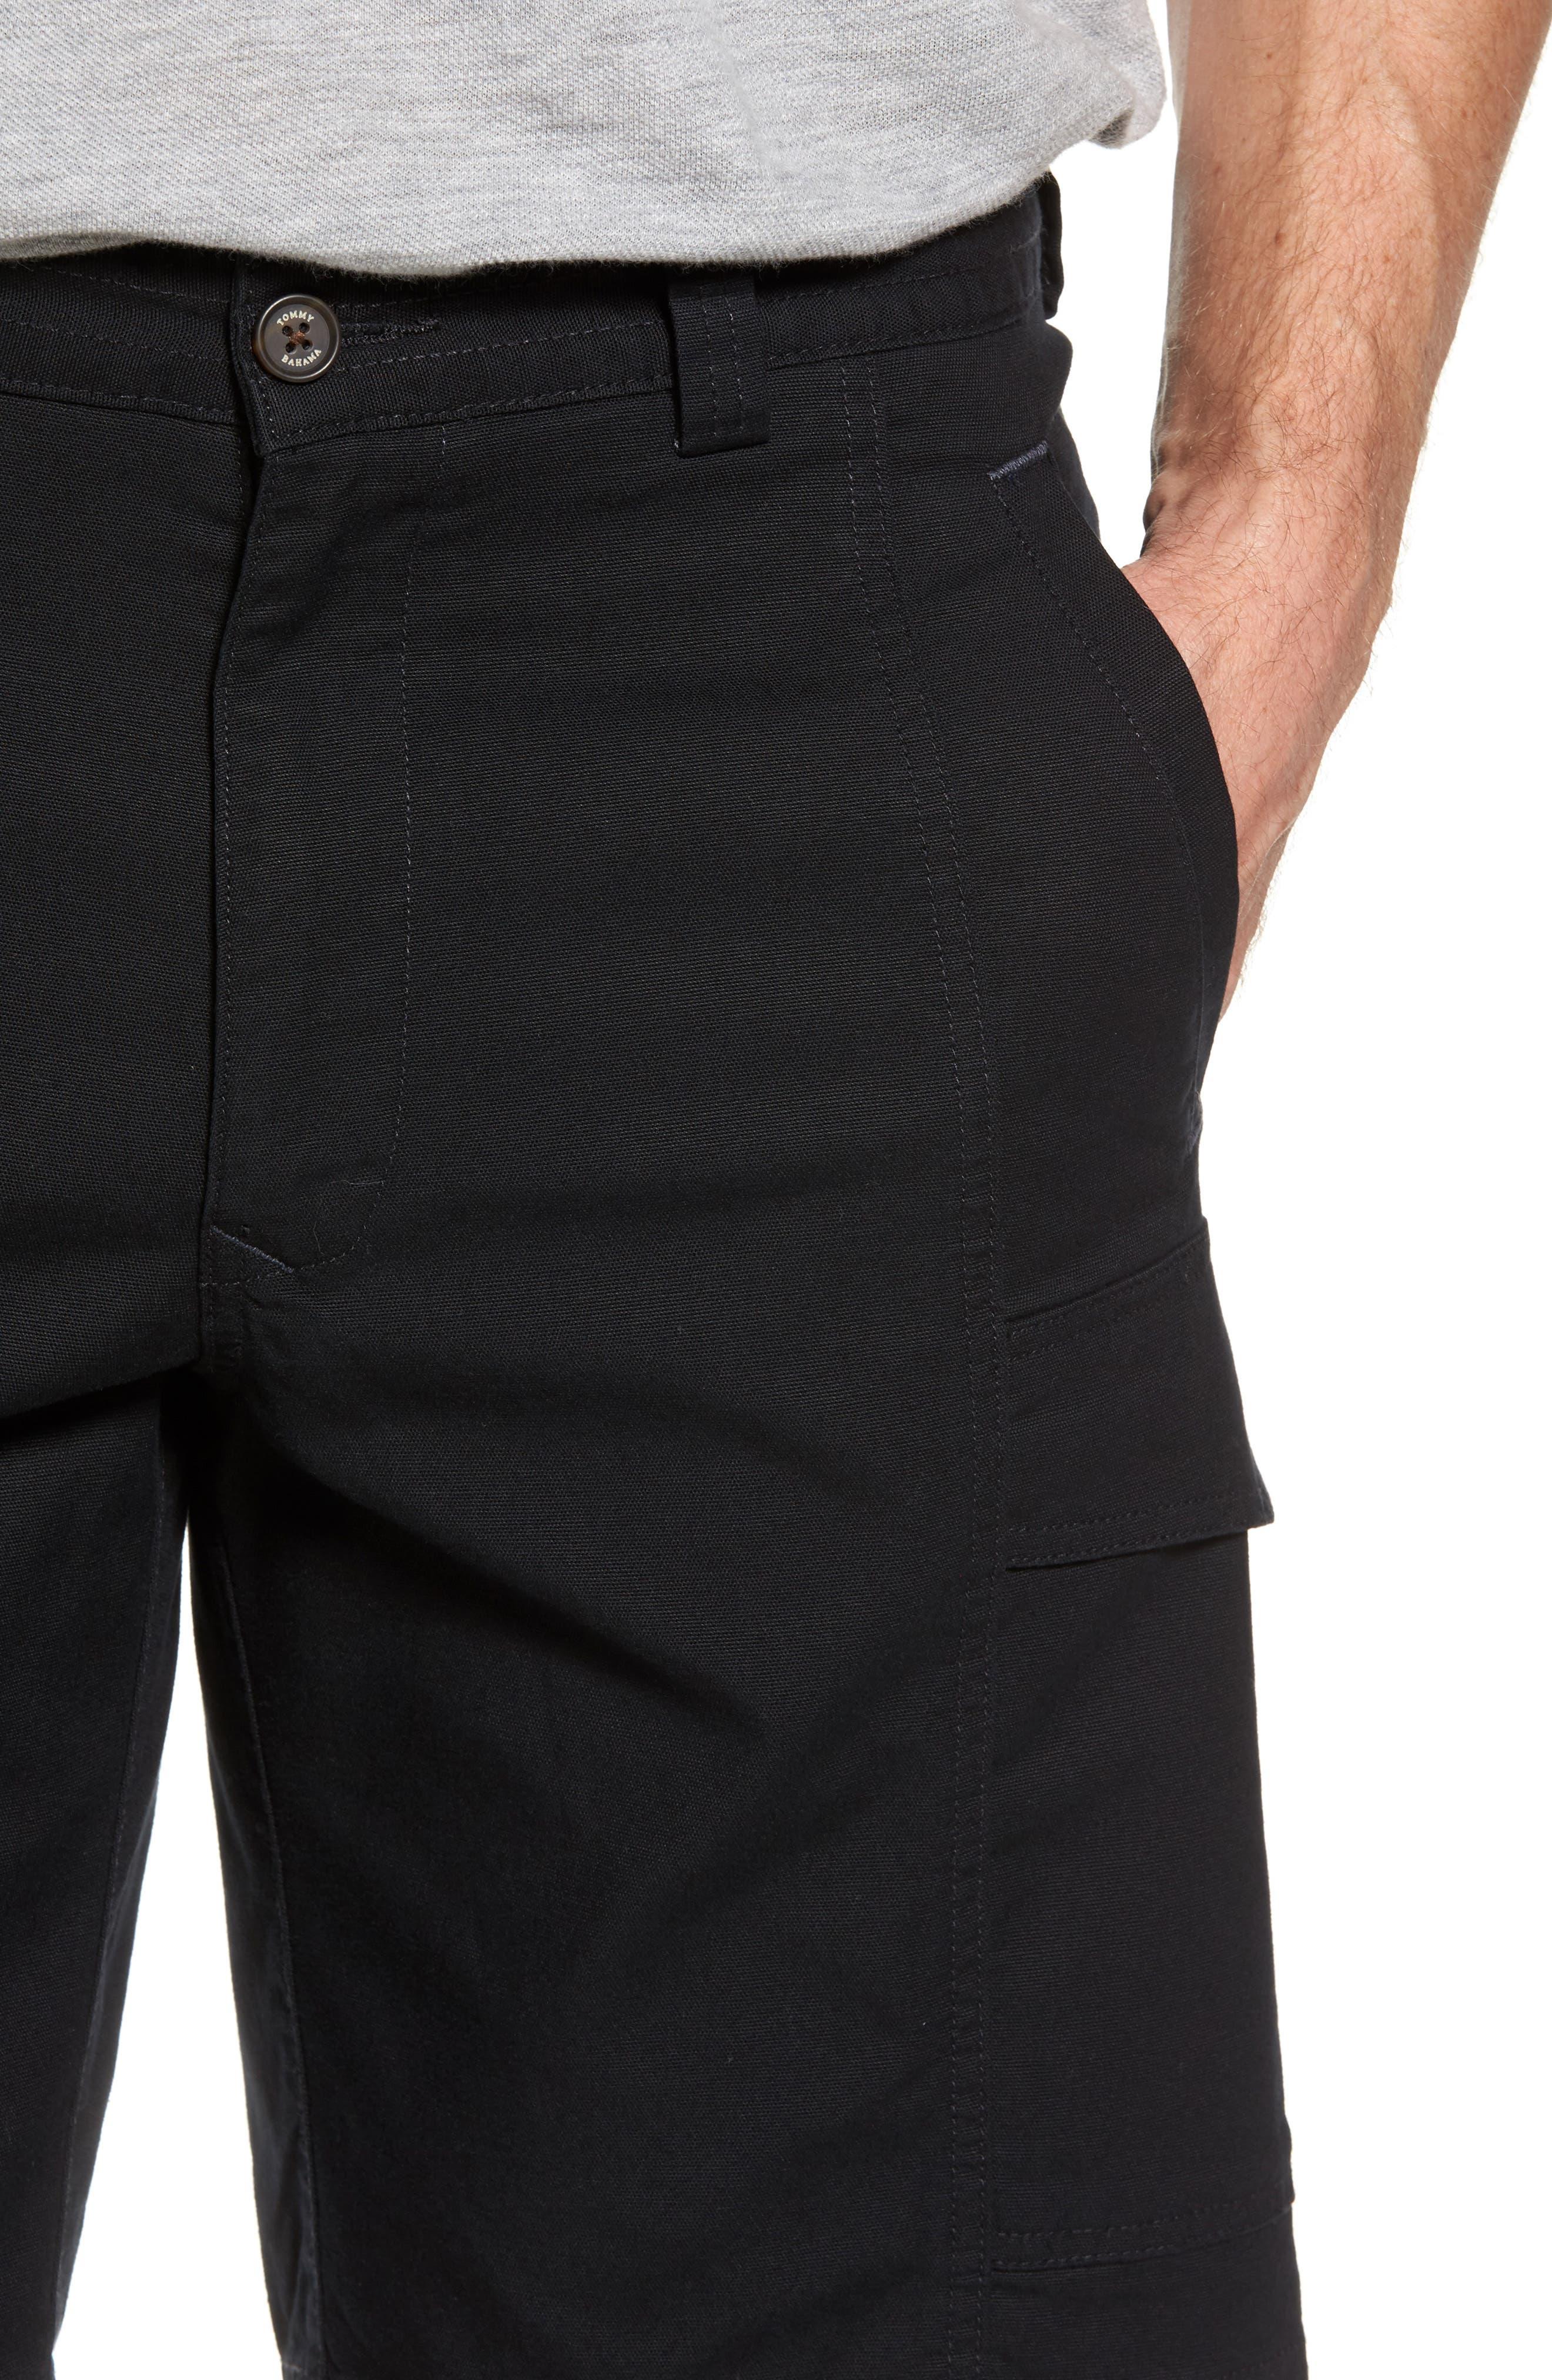 Key Isles Shorts,                             Alternate thumbnail 4, color,                             BLACK